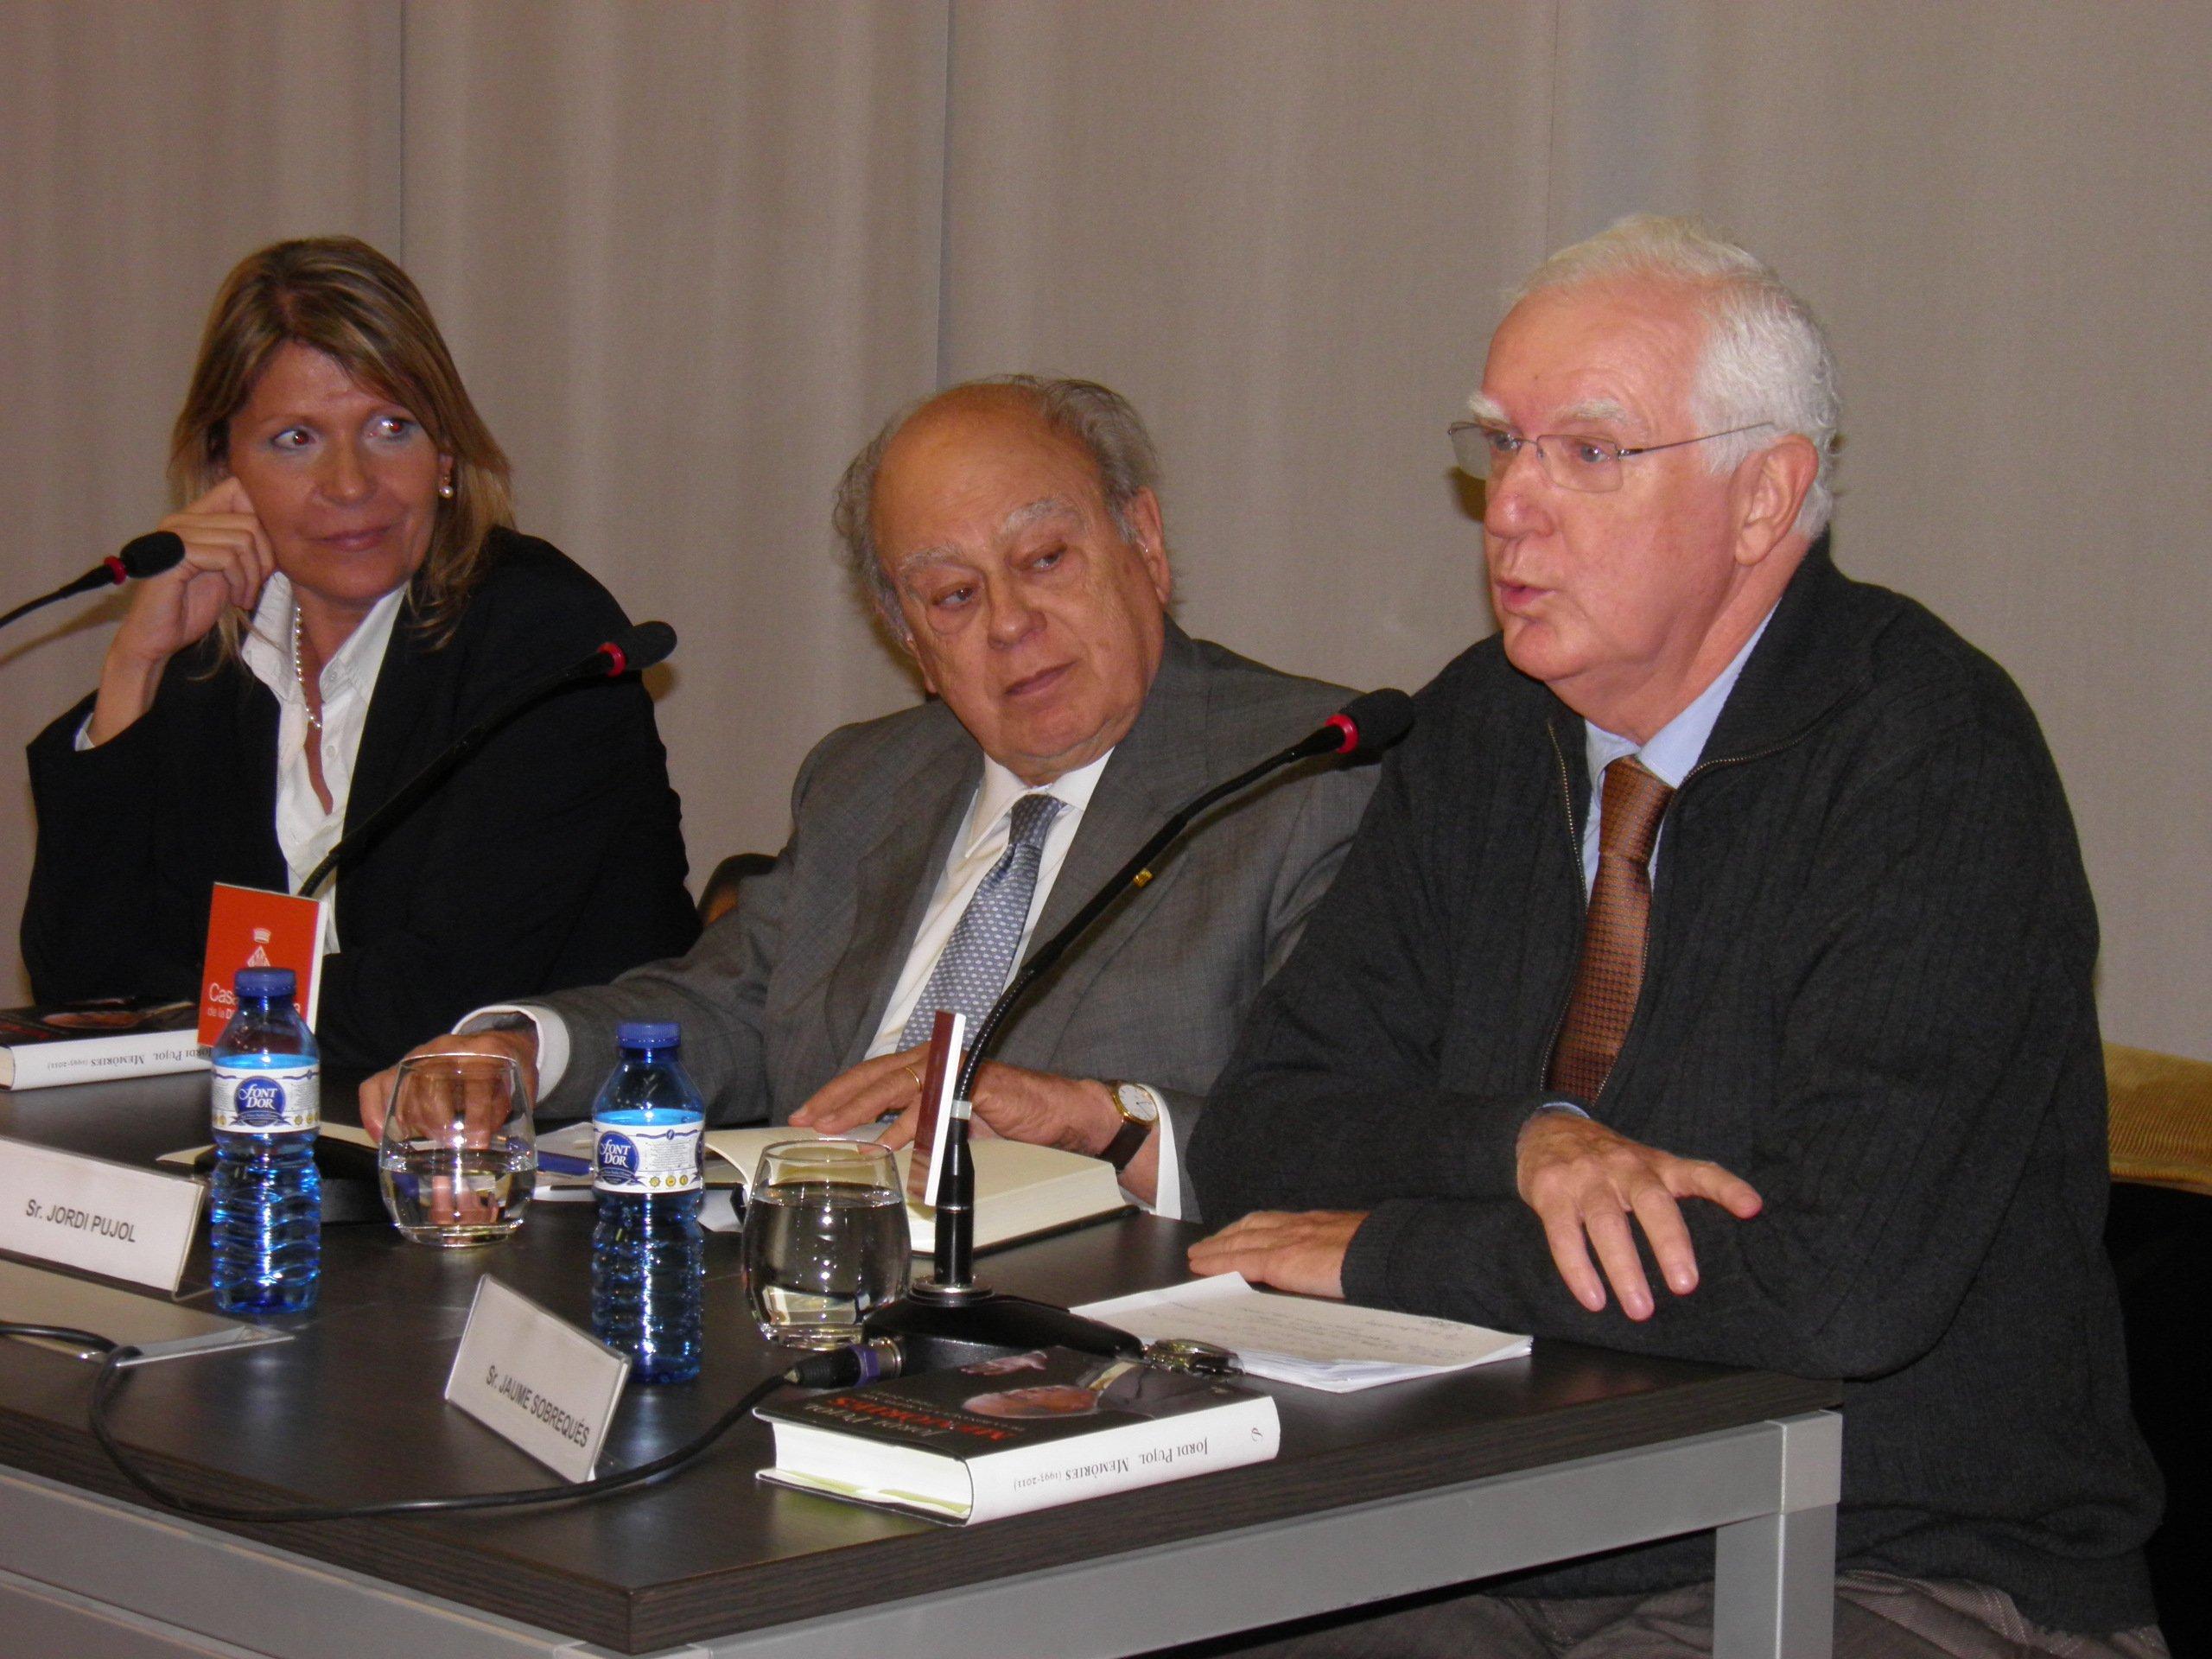 Jaume Sobrequés, en Girona con Jordi Pujol, presentando las memorias